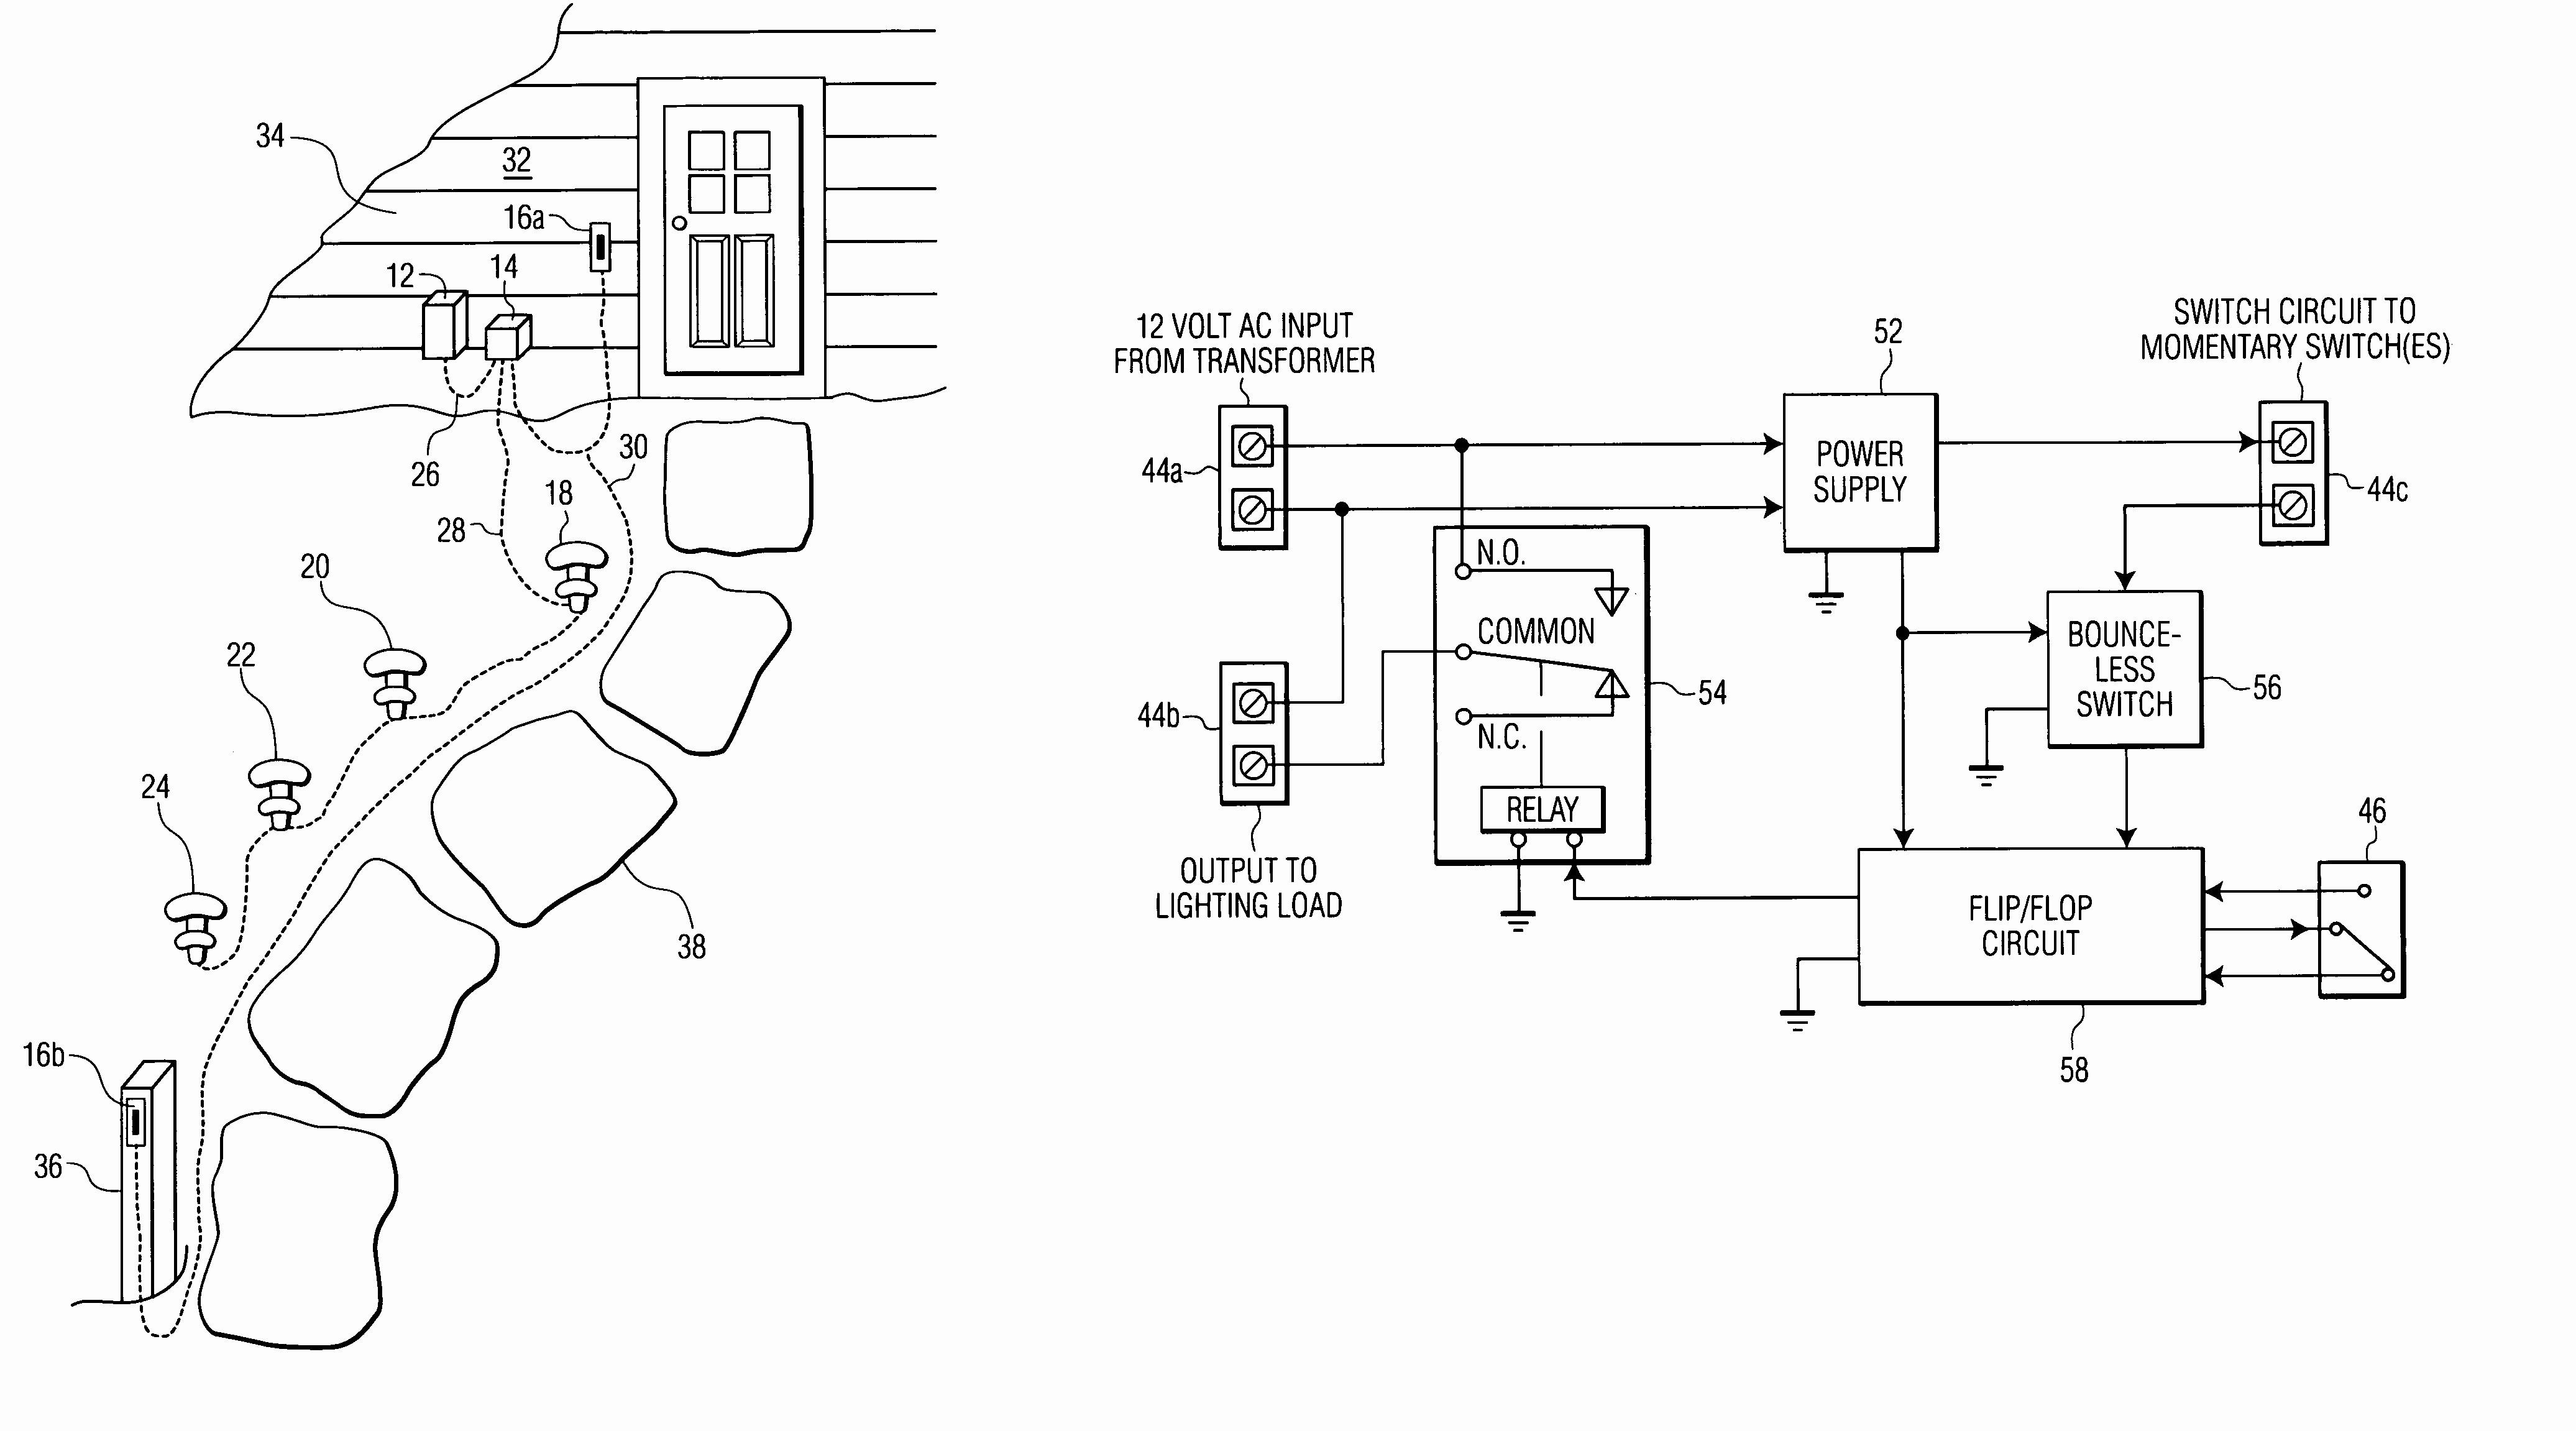 outdoor low voltage wiring diagrams